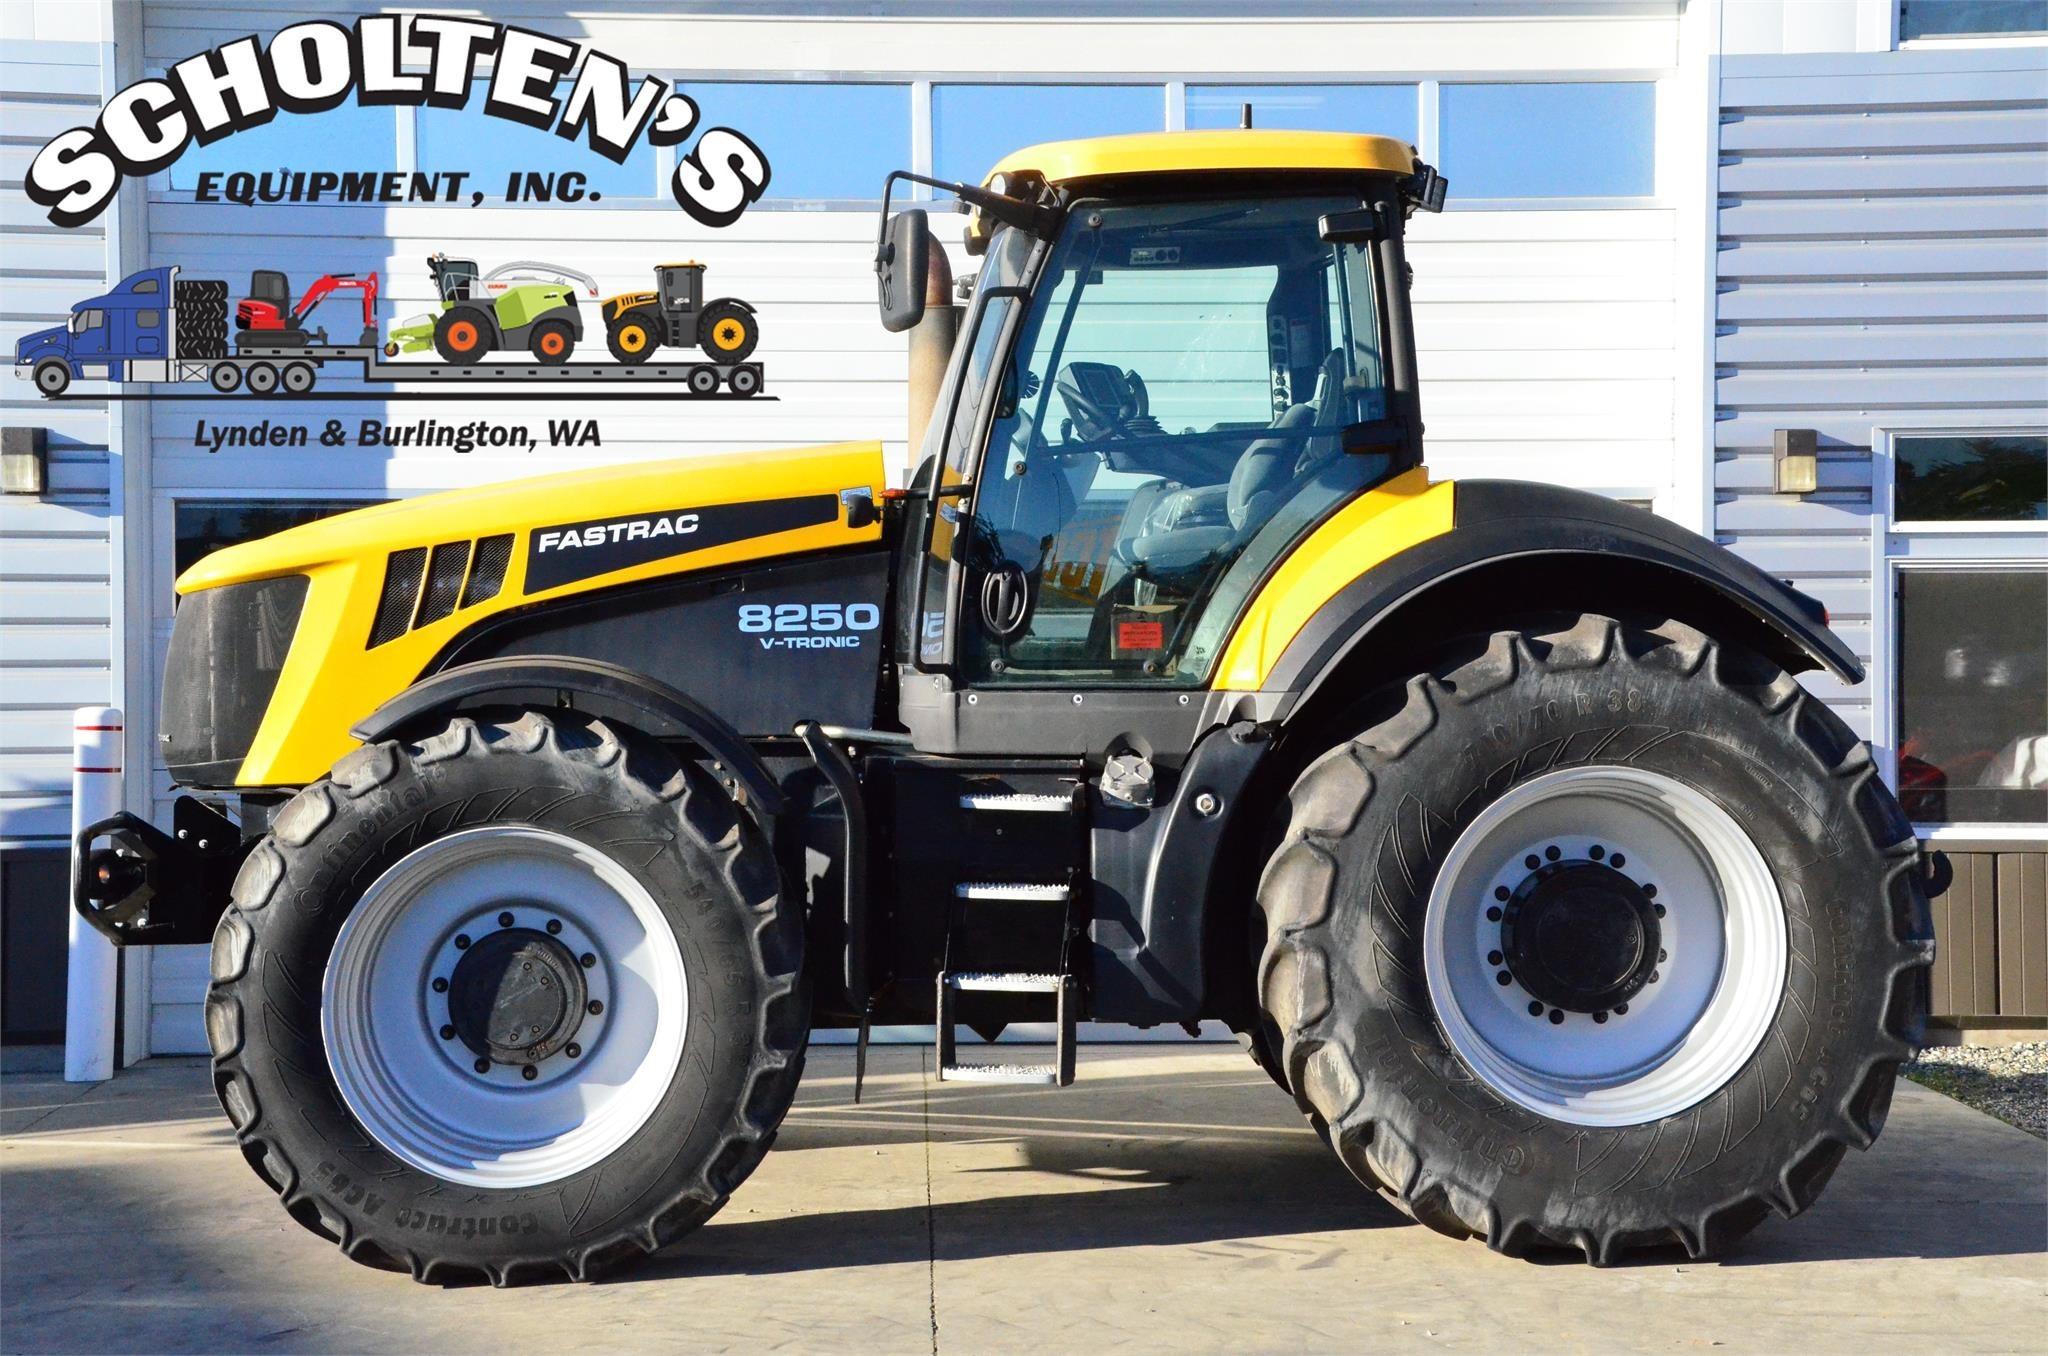 2008 JCB Fastrac 8250 Tractor